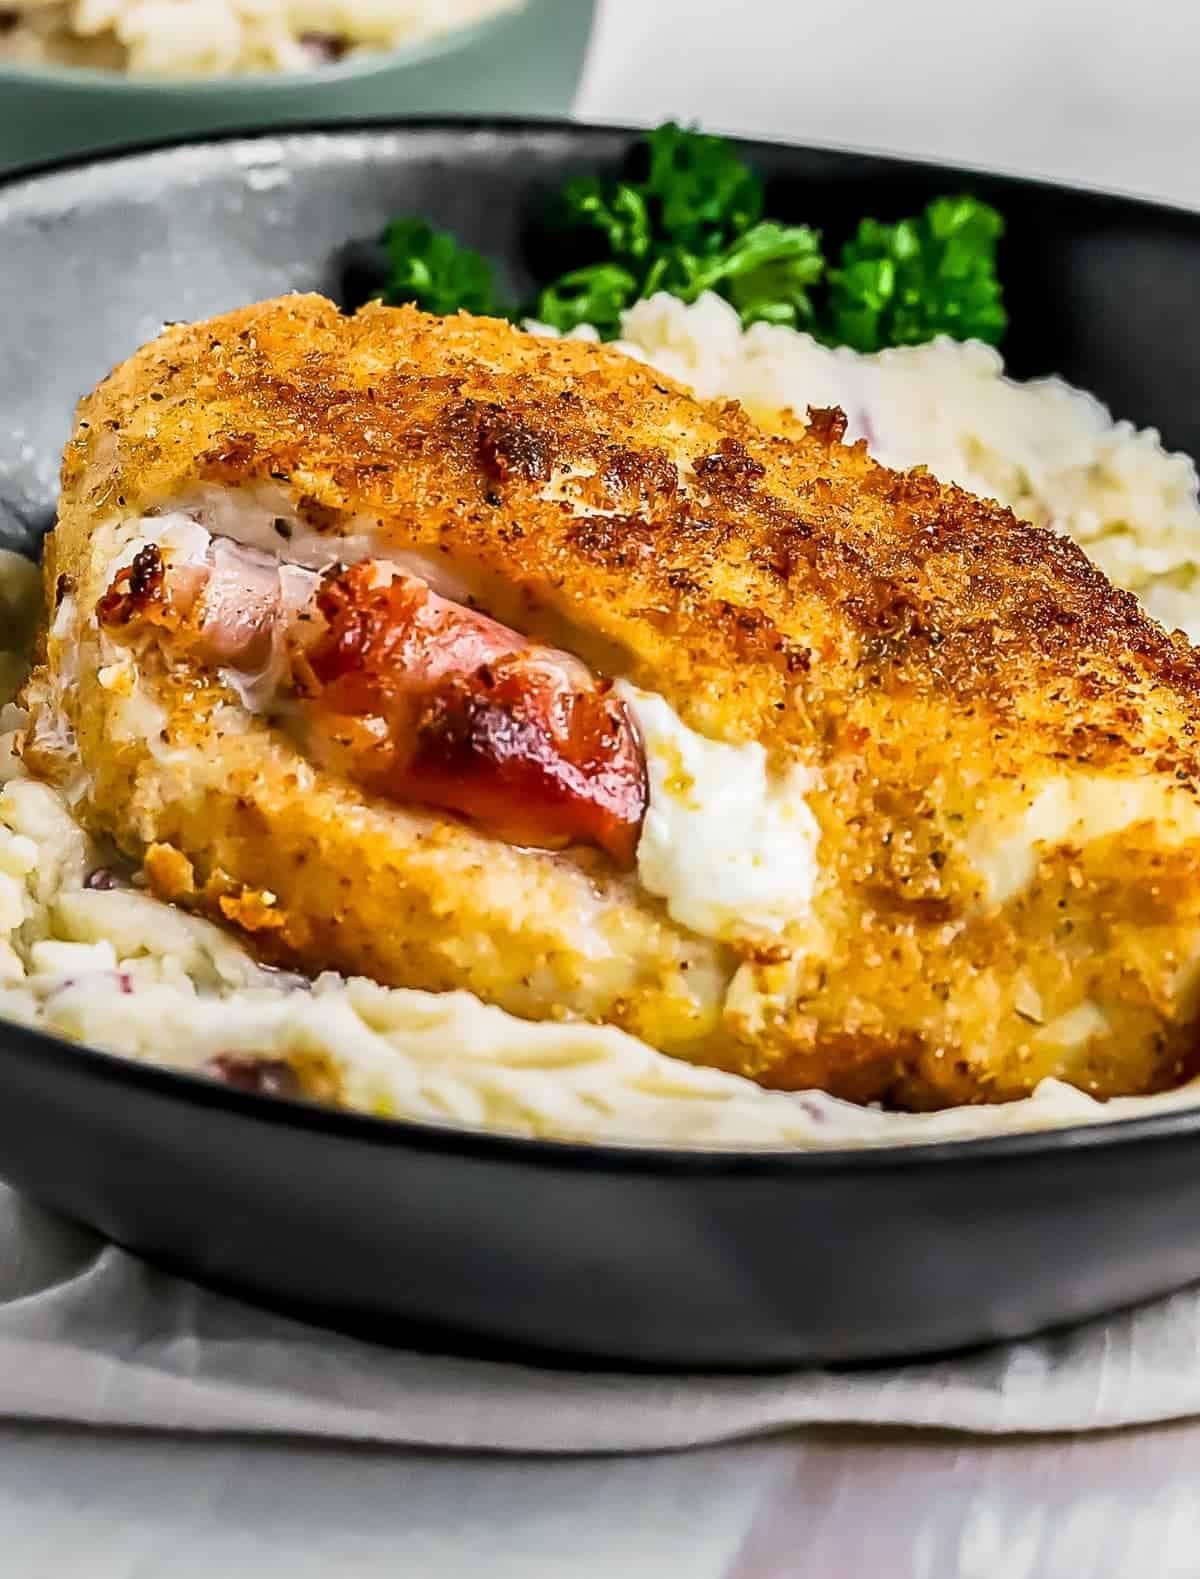 Prosciutto And Cheese Stuffed Chicken Breast Recipe Video